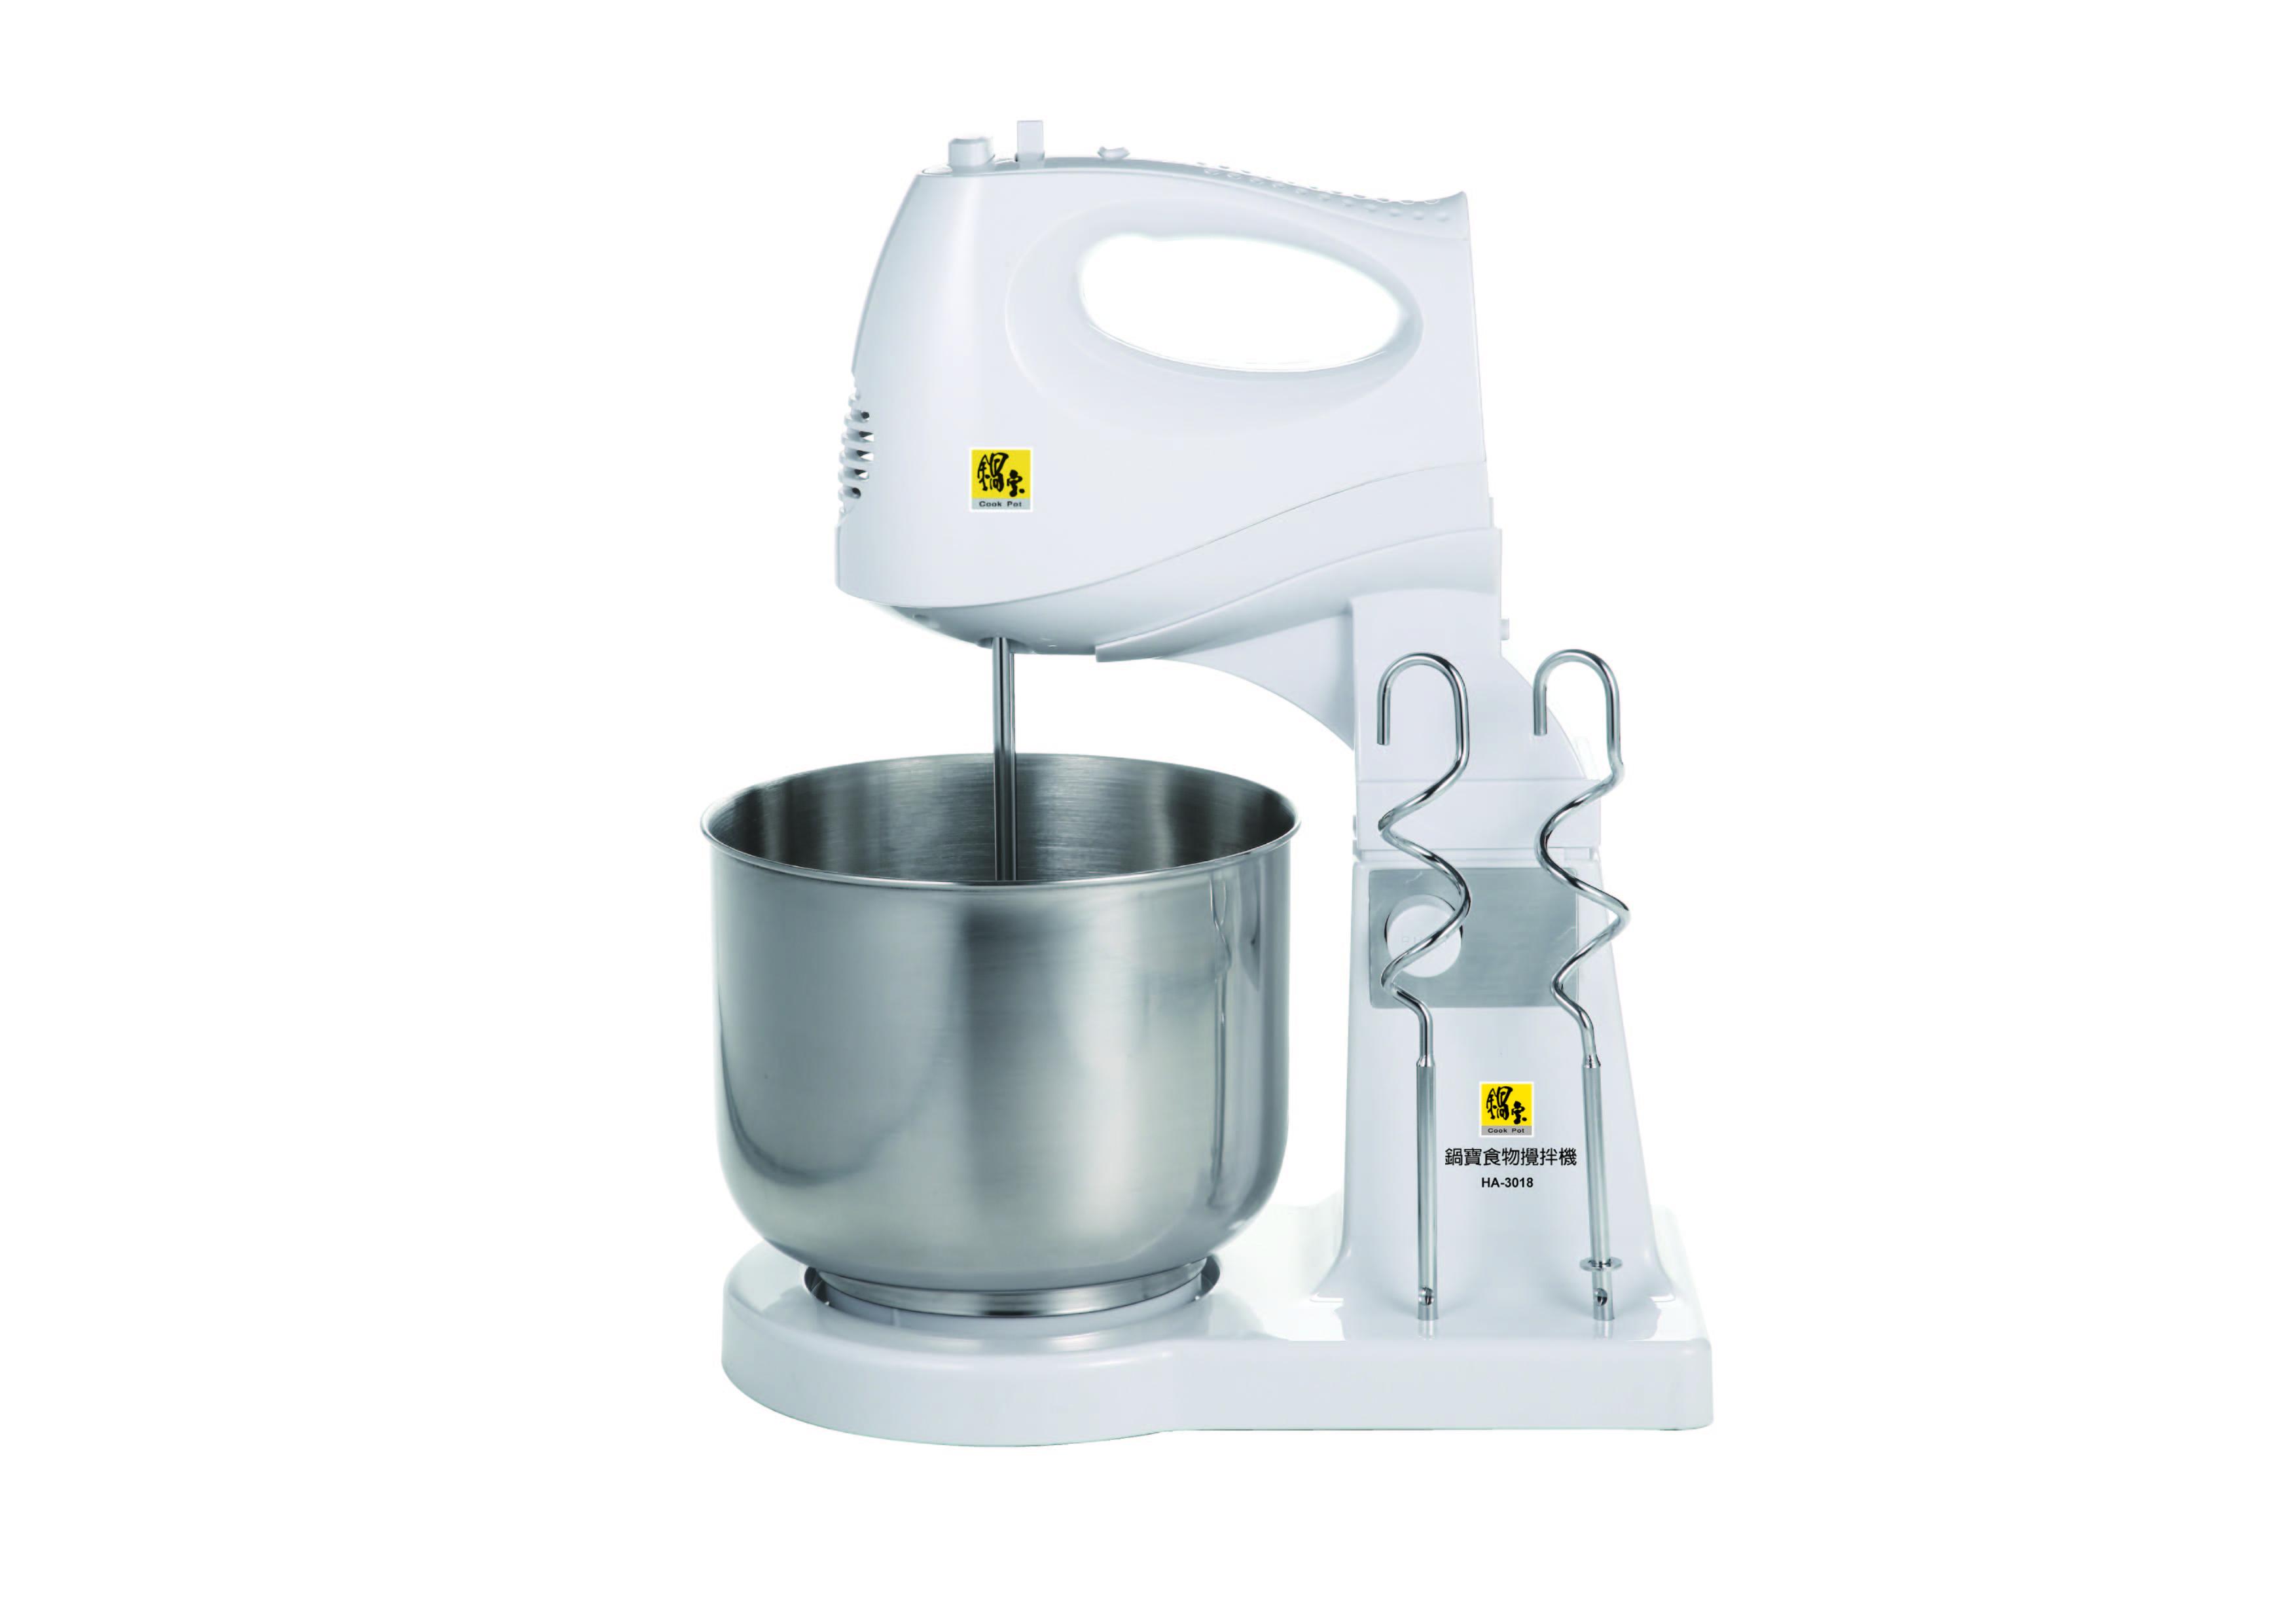 鍋寶食物攪拌/打蛋器(HA-3018)